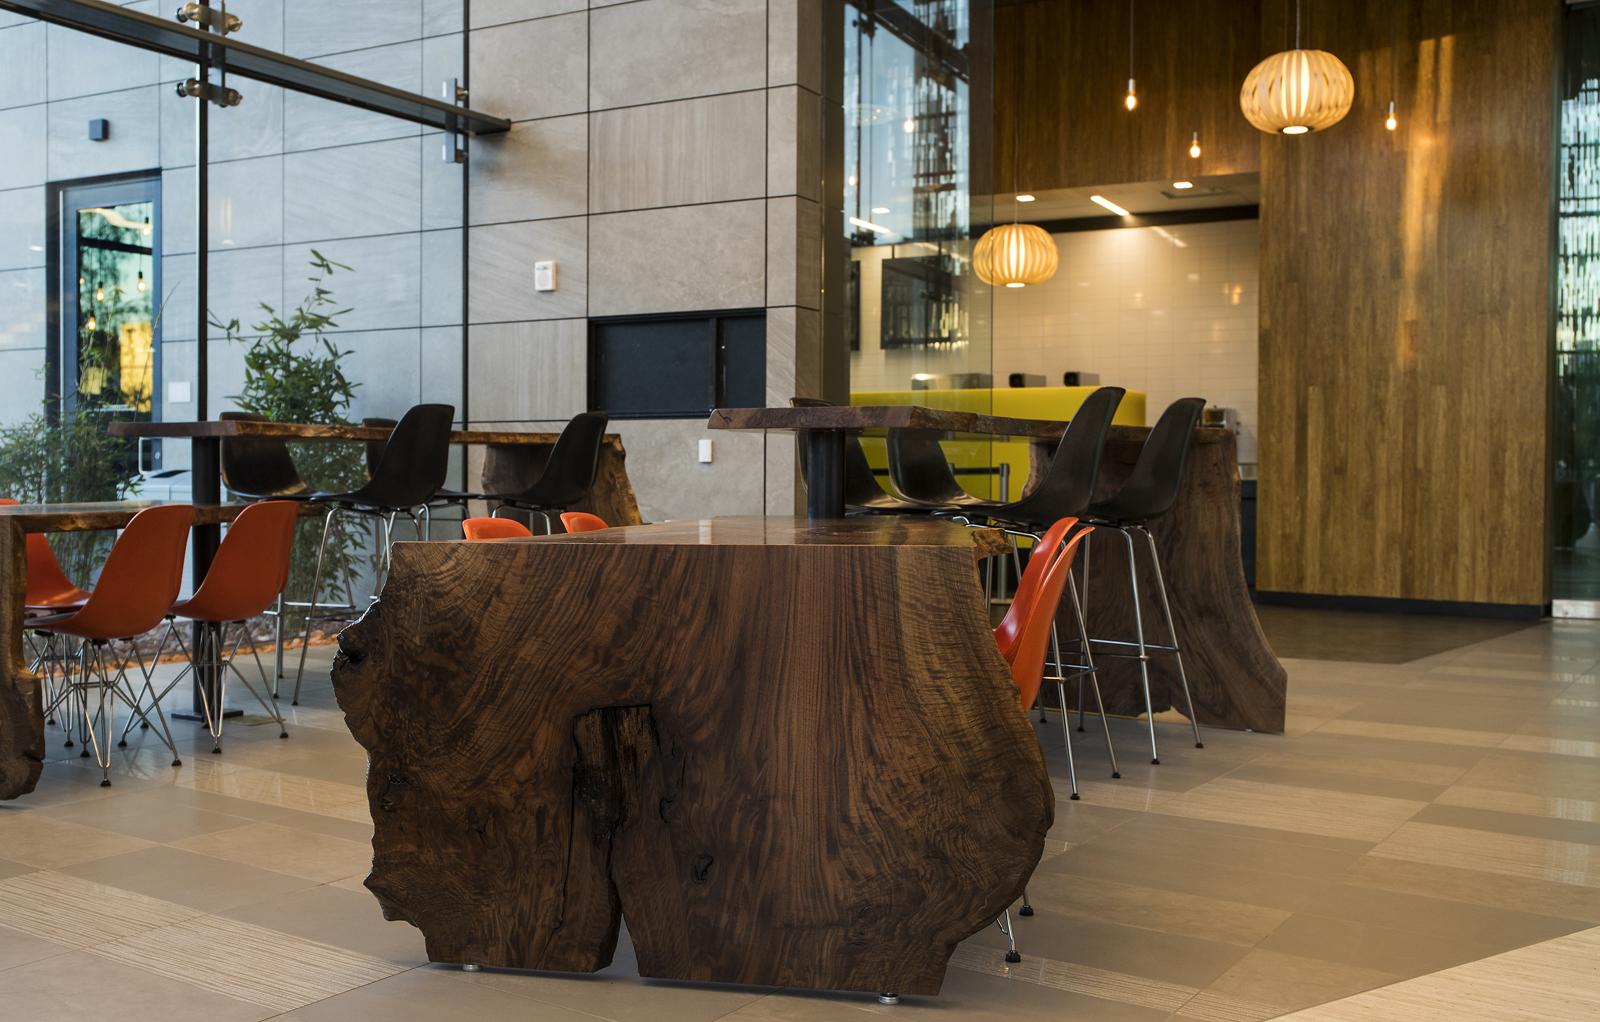 Beau Unlv Interior Design